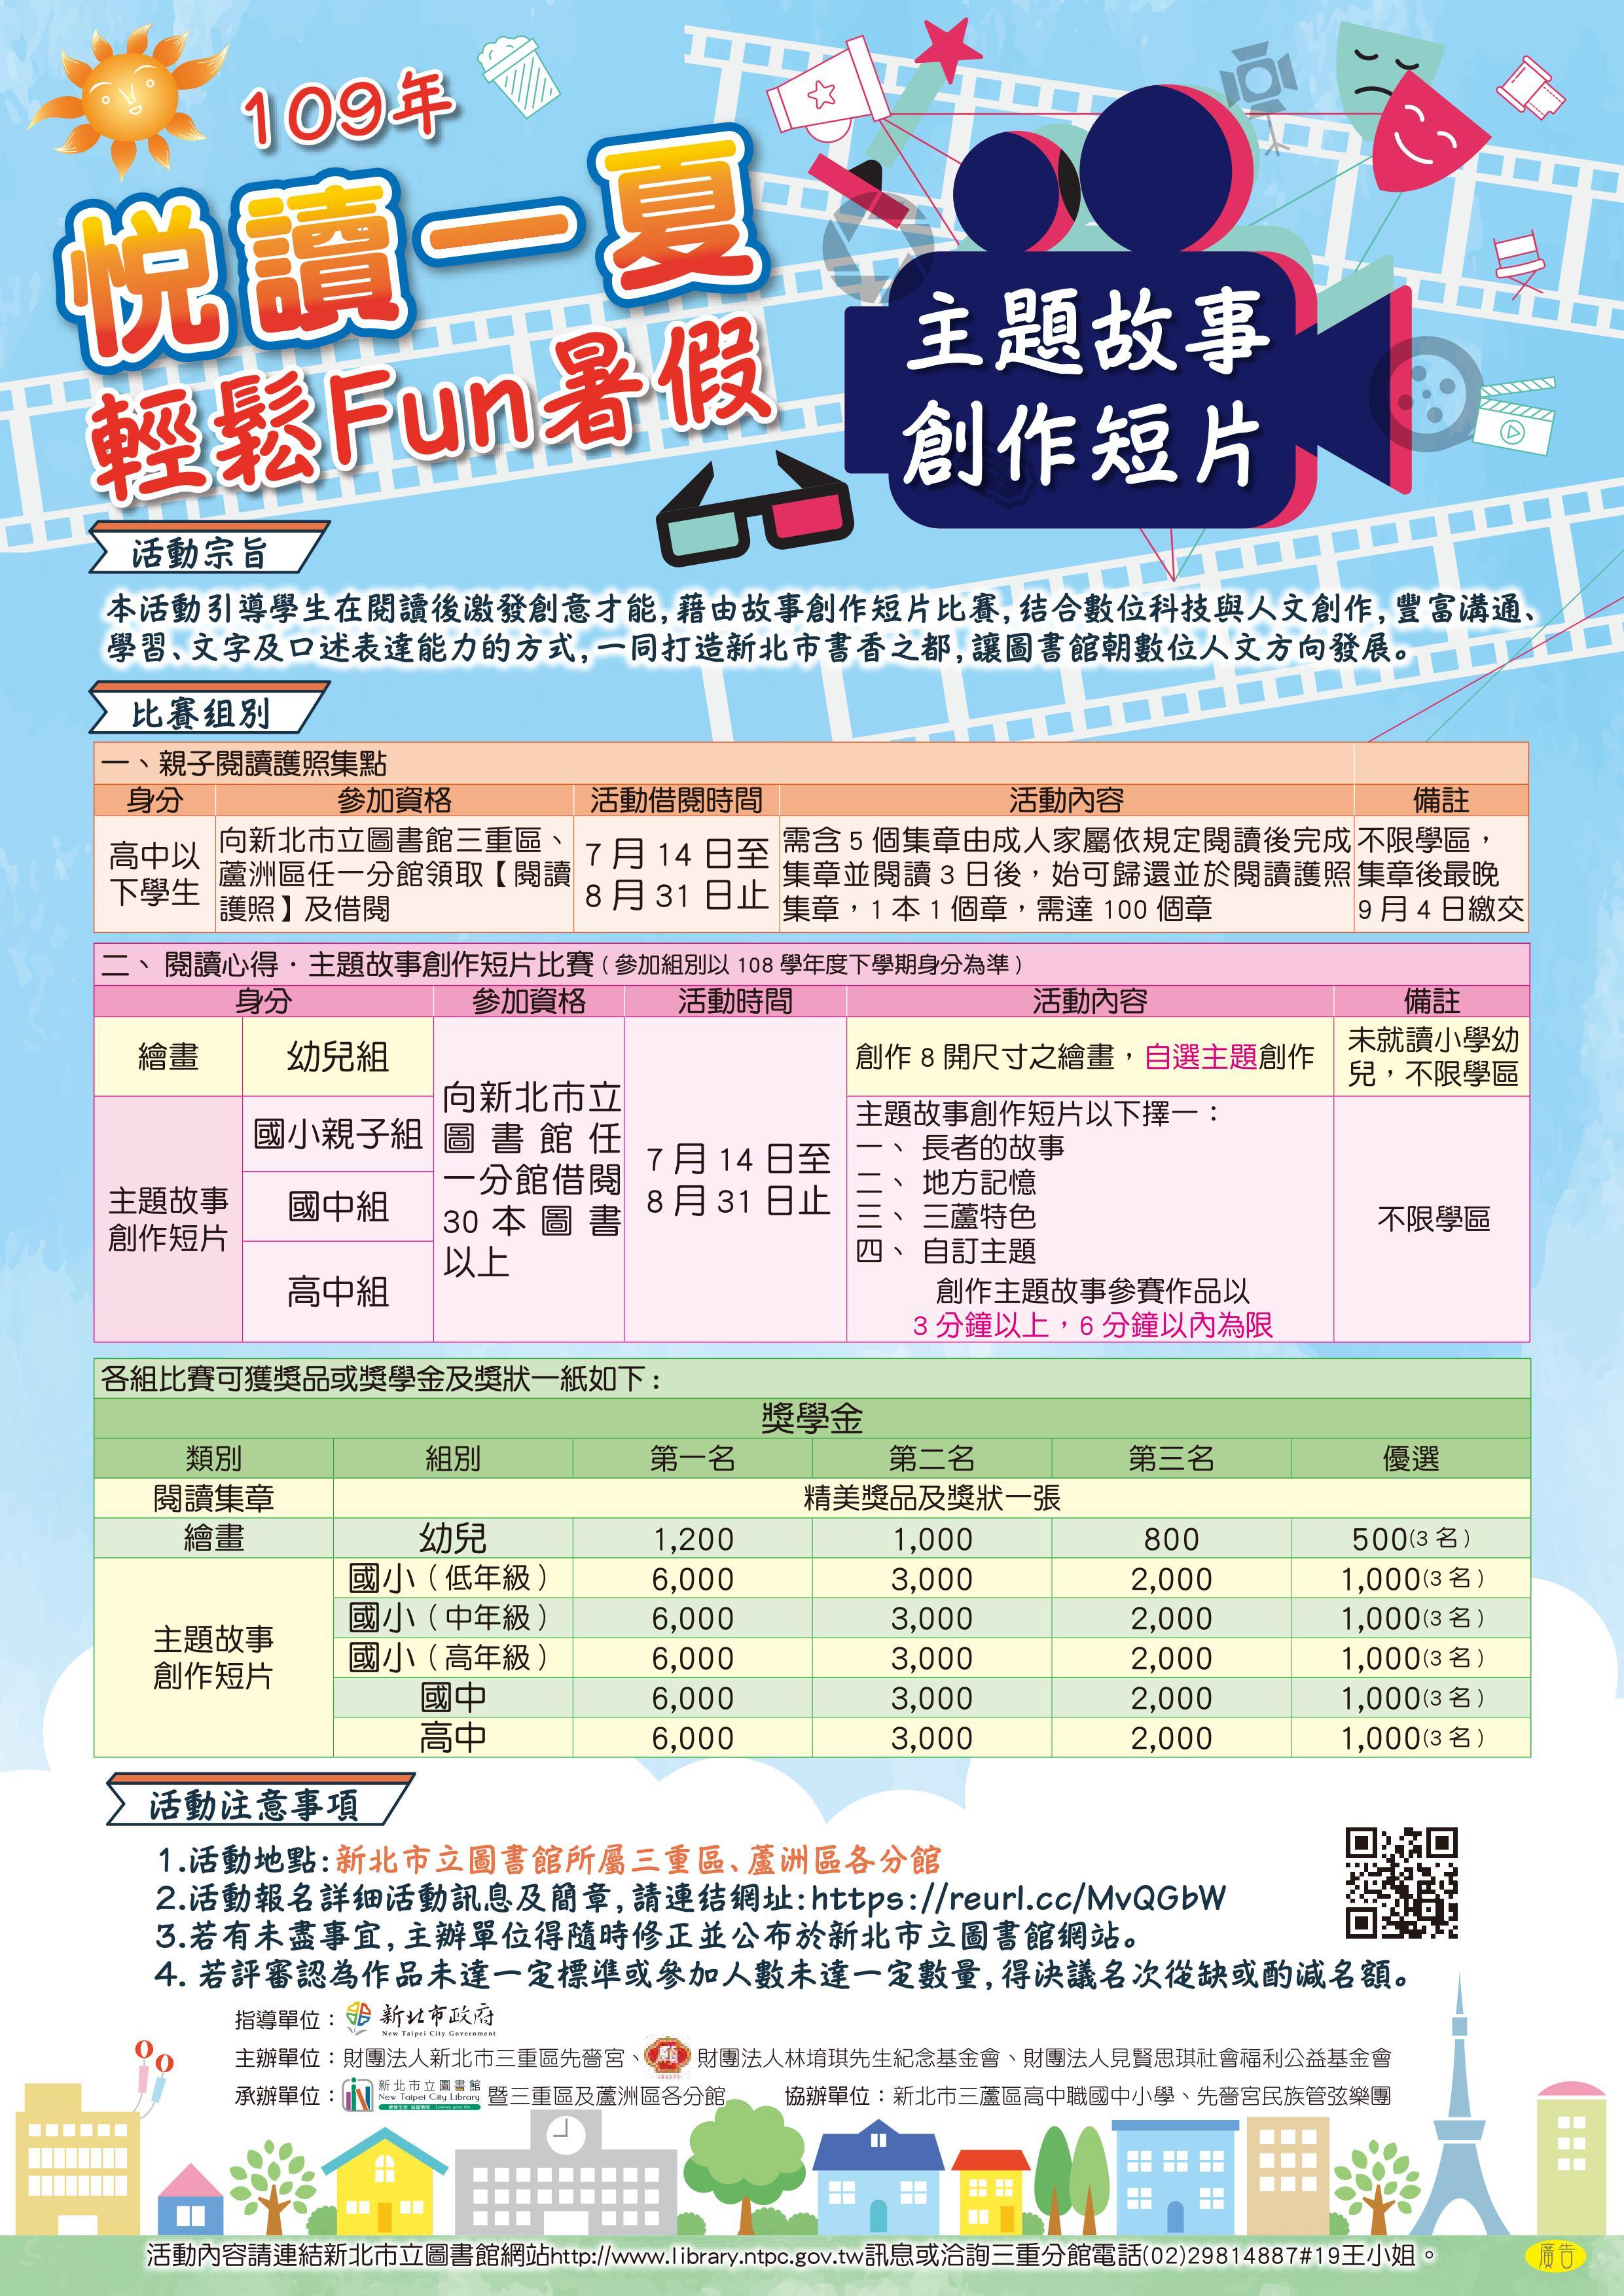 【三重分館】109年悅讀一夏-主題故事創作短片~輕鬆Fun暑假